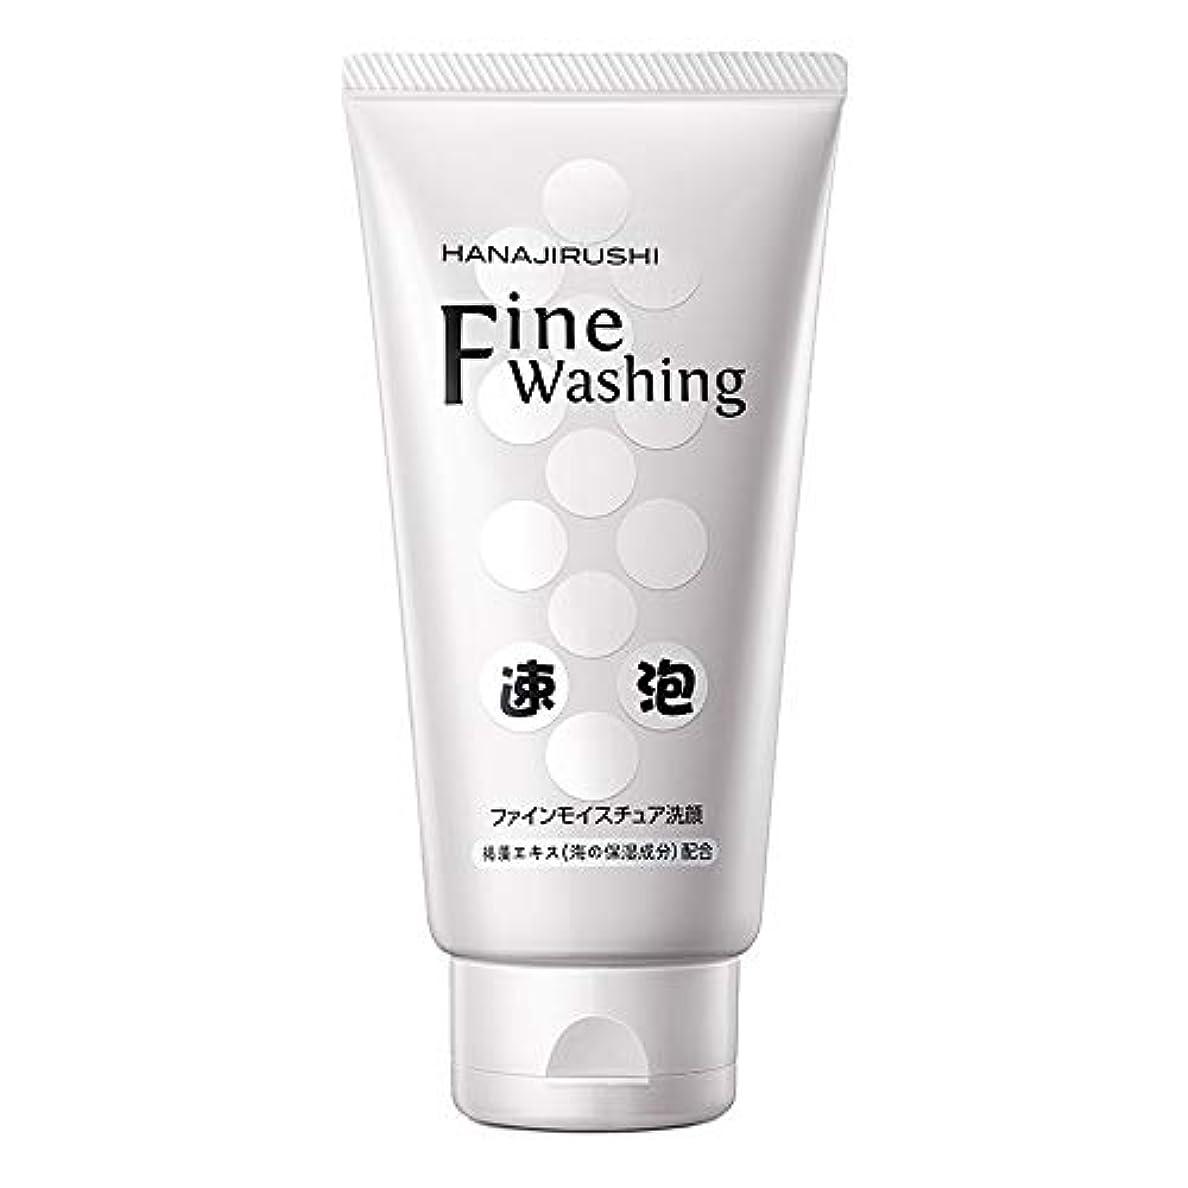 社員意志に反するびっくりする花印 濃密泡 海藻エキス 長時間潤い 洗顔フォーム 120g